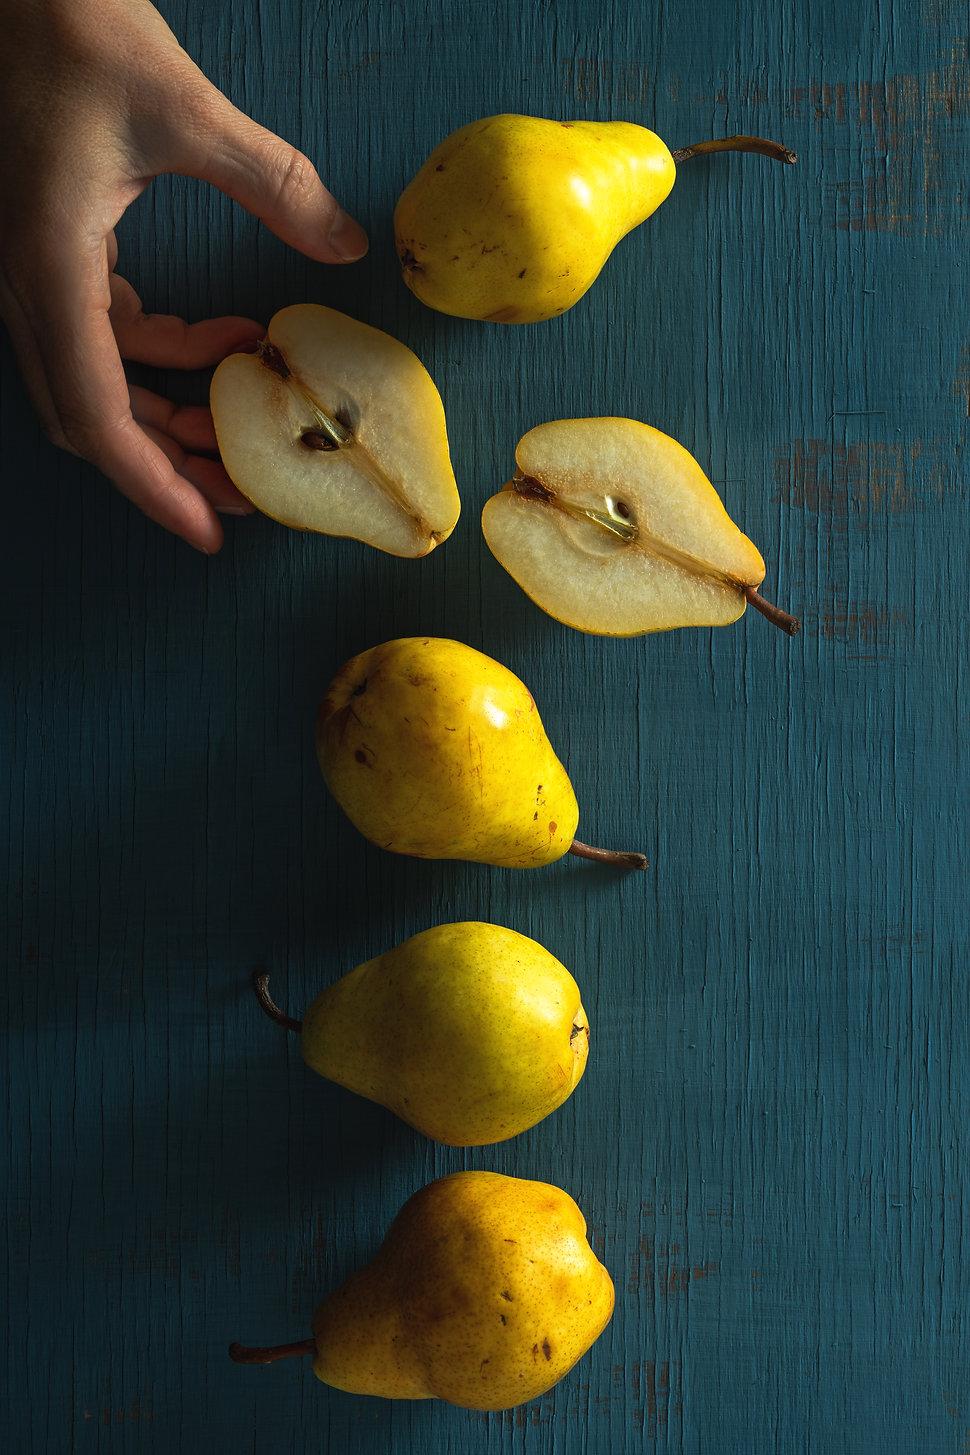 Pears by Hanna Tor